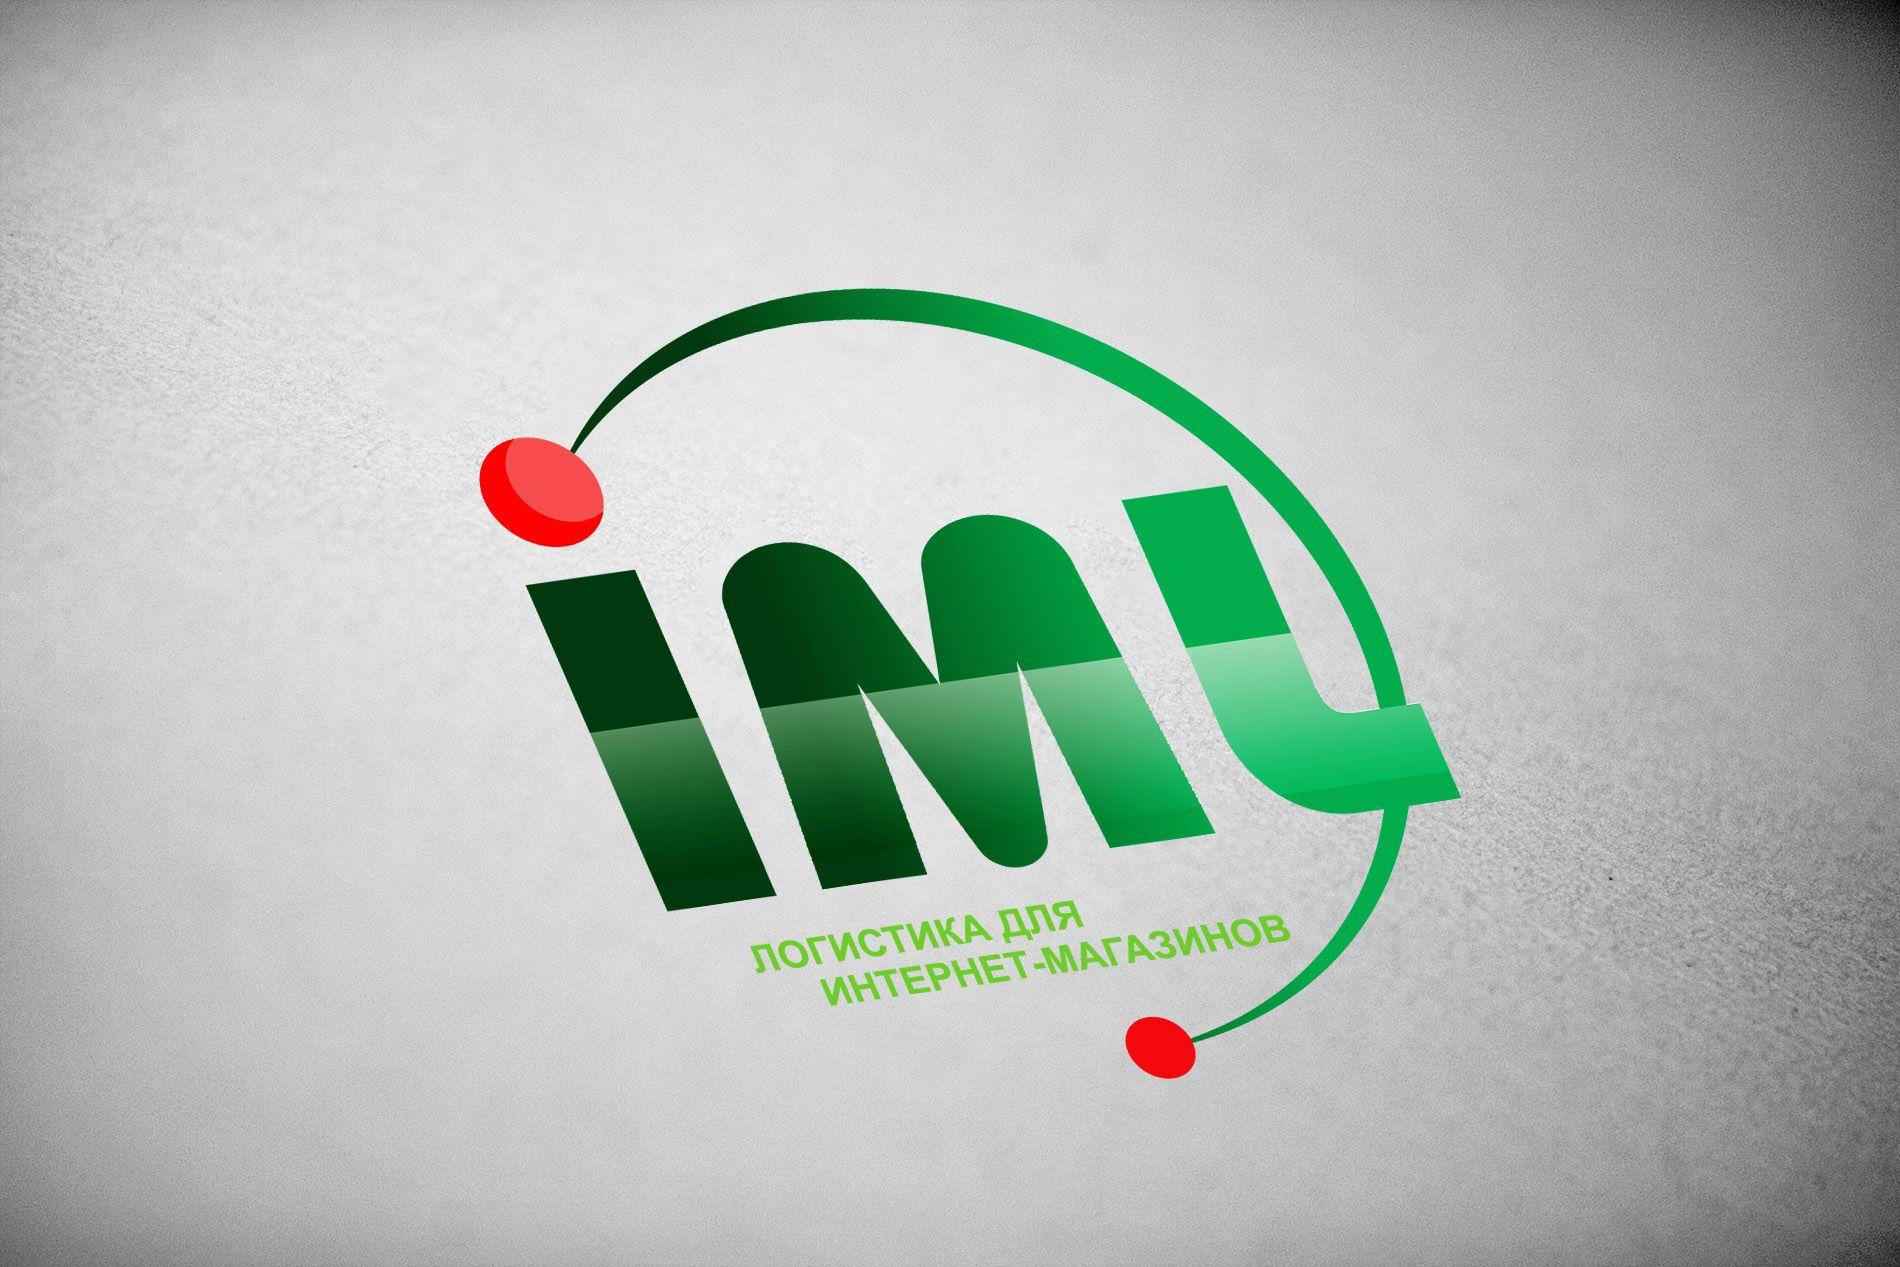 Лого для ребрендинга логистической компании - дизайнер ohotnikof